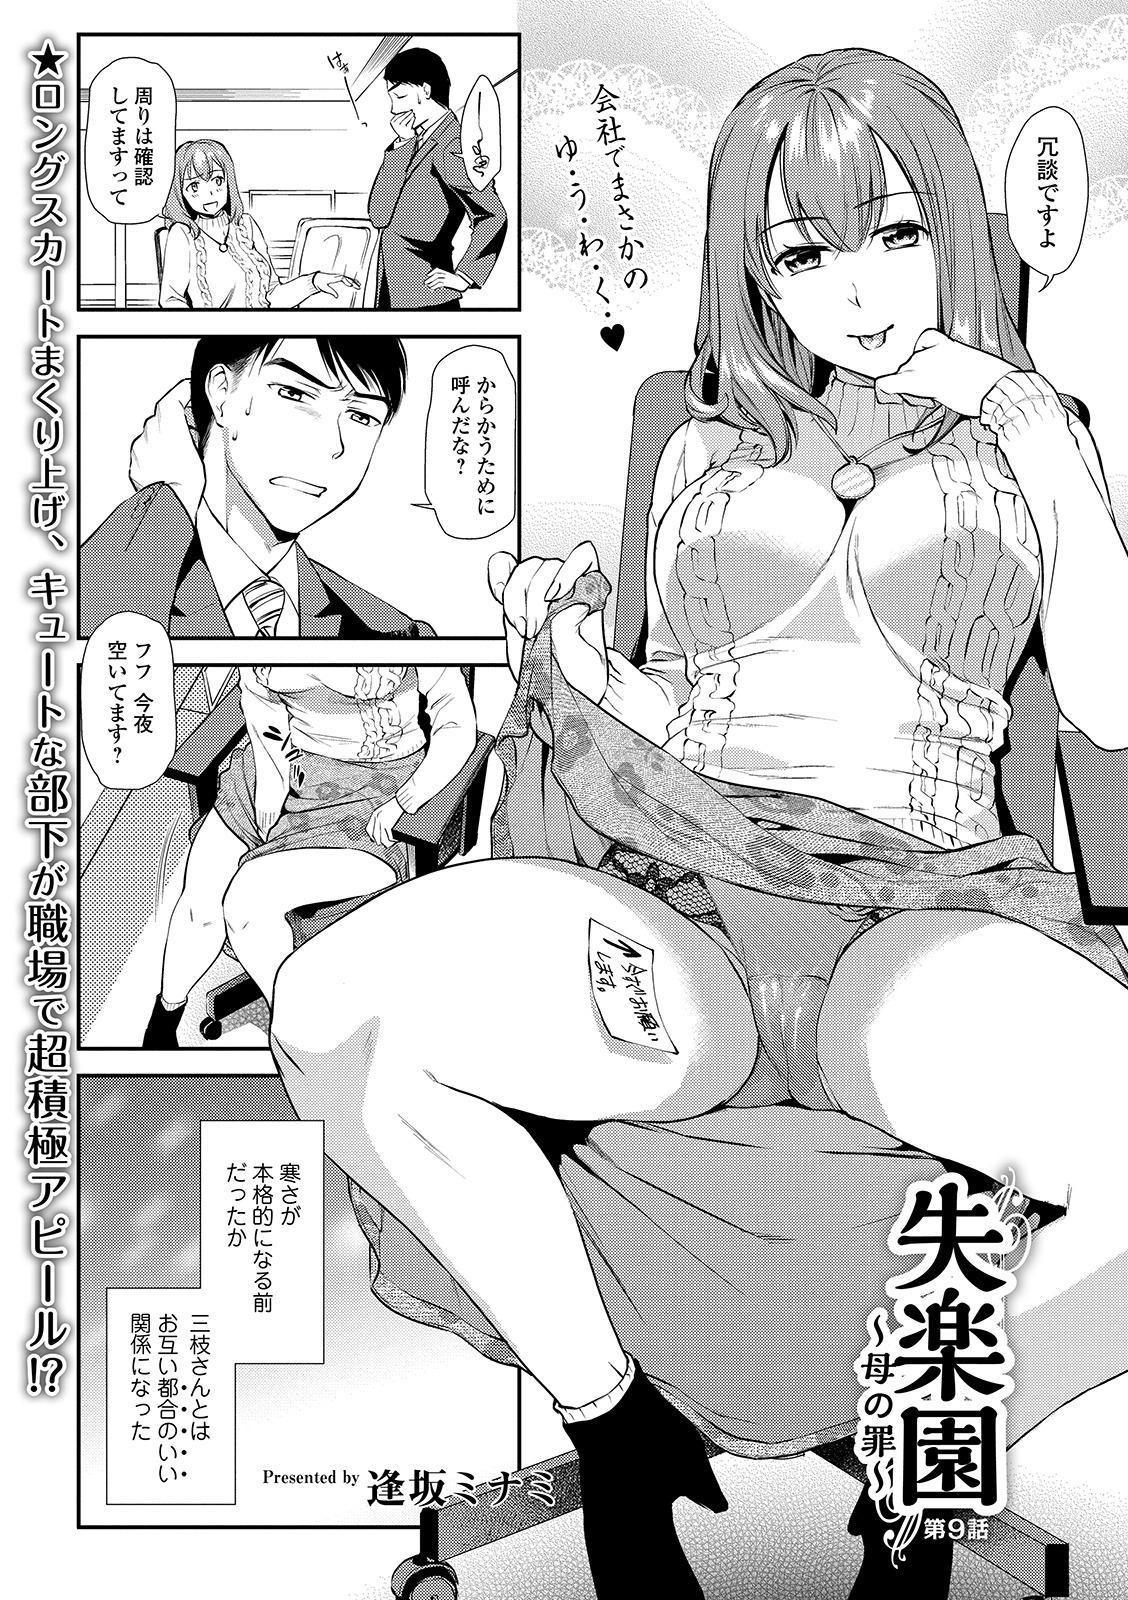 Web Comic Toutetsu Vol. 40 3